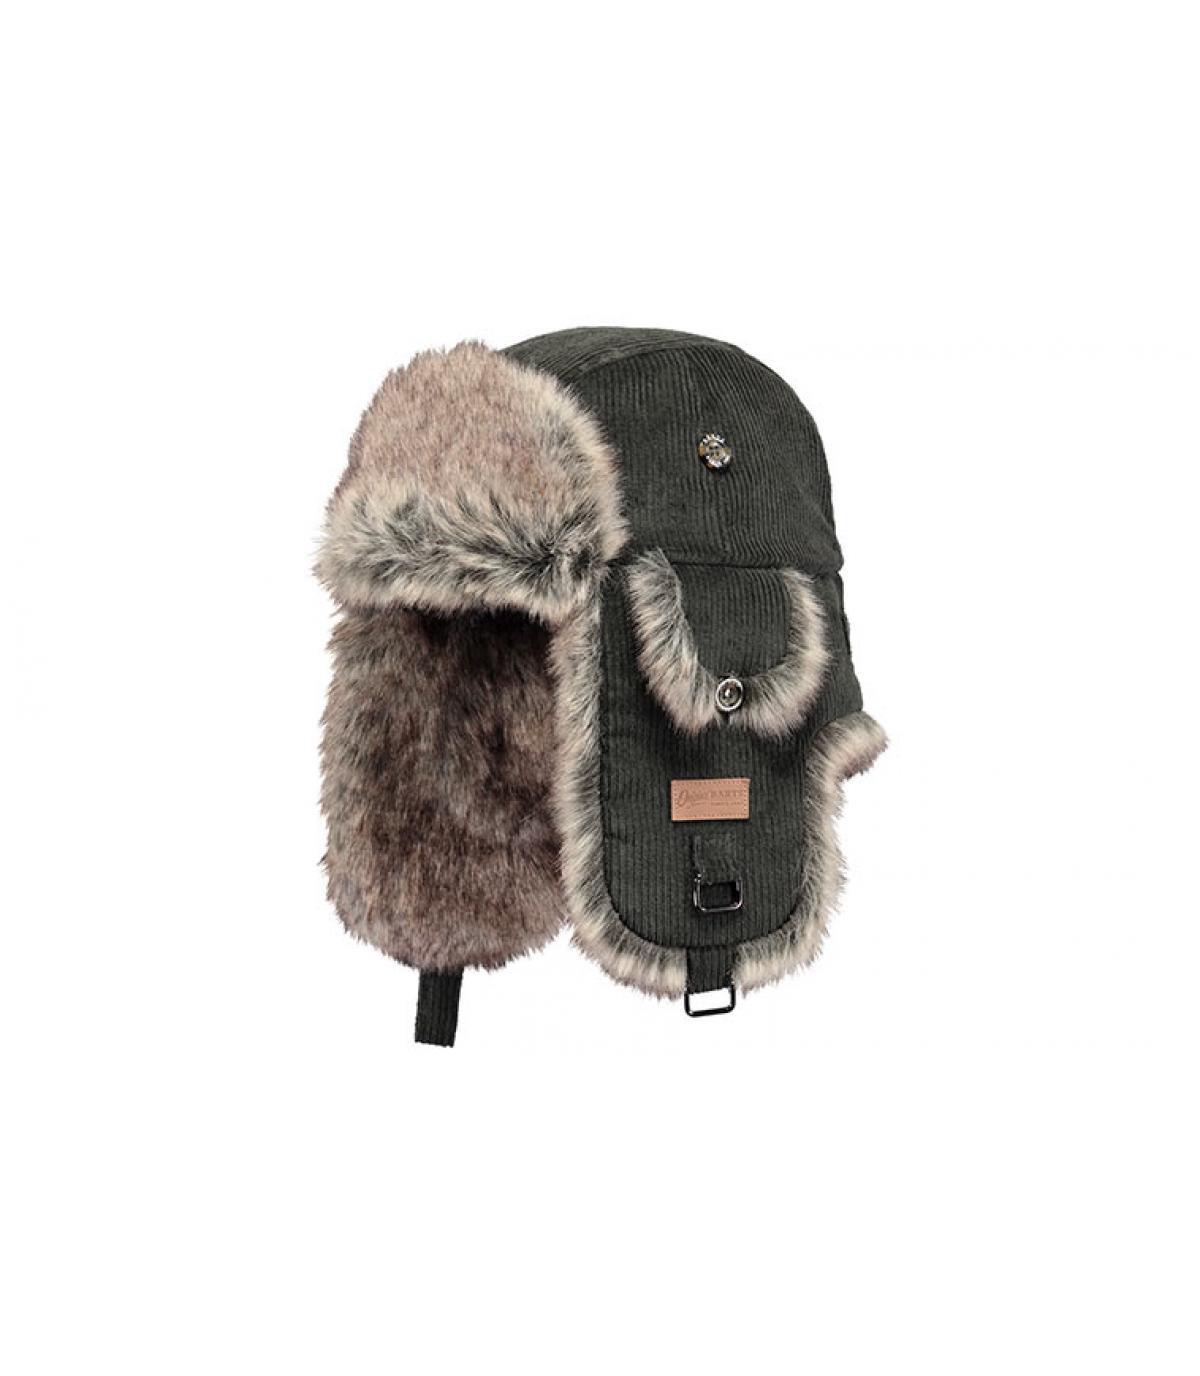 5a0a5d8d985 Barts. green fur trapper hat. Détails Rib Bomber army - image 4  Détails Rib  Bomber army - image ...